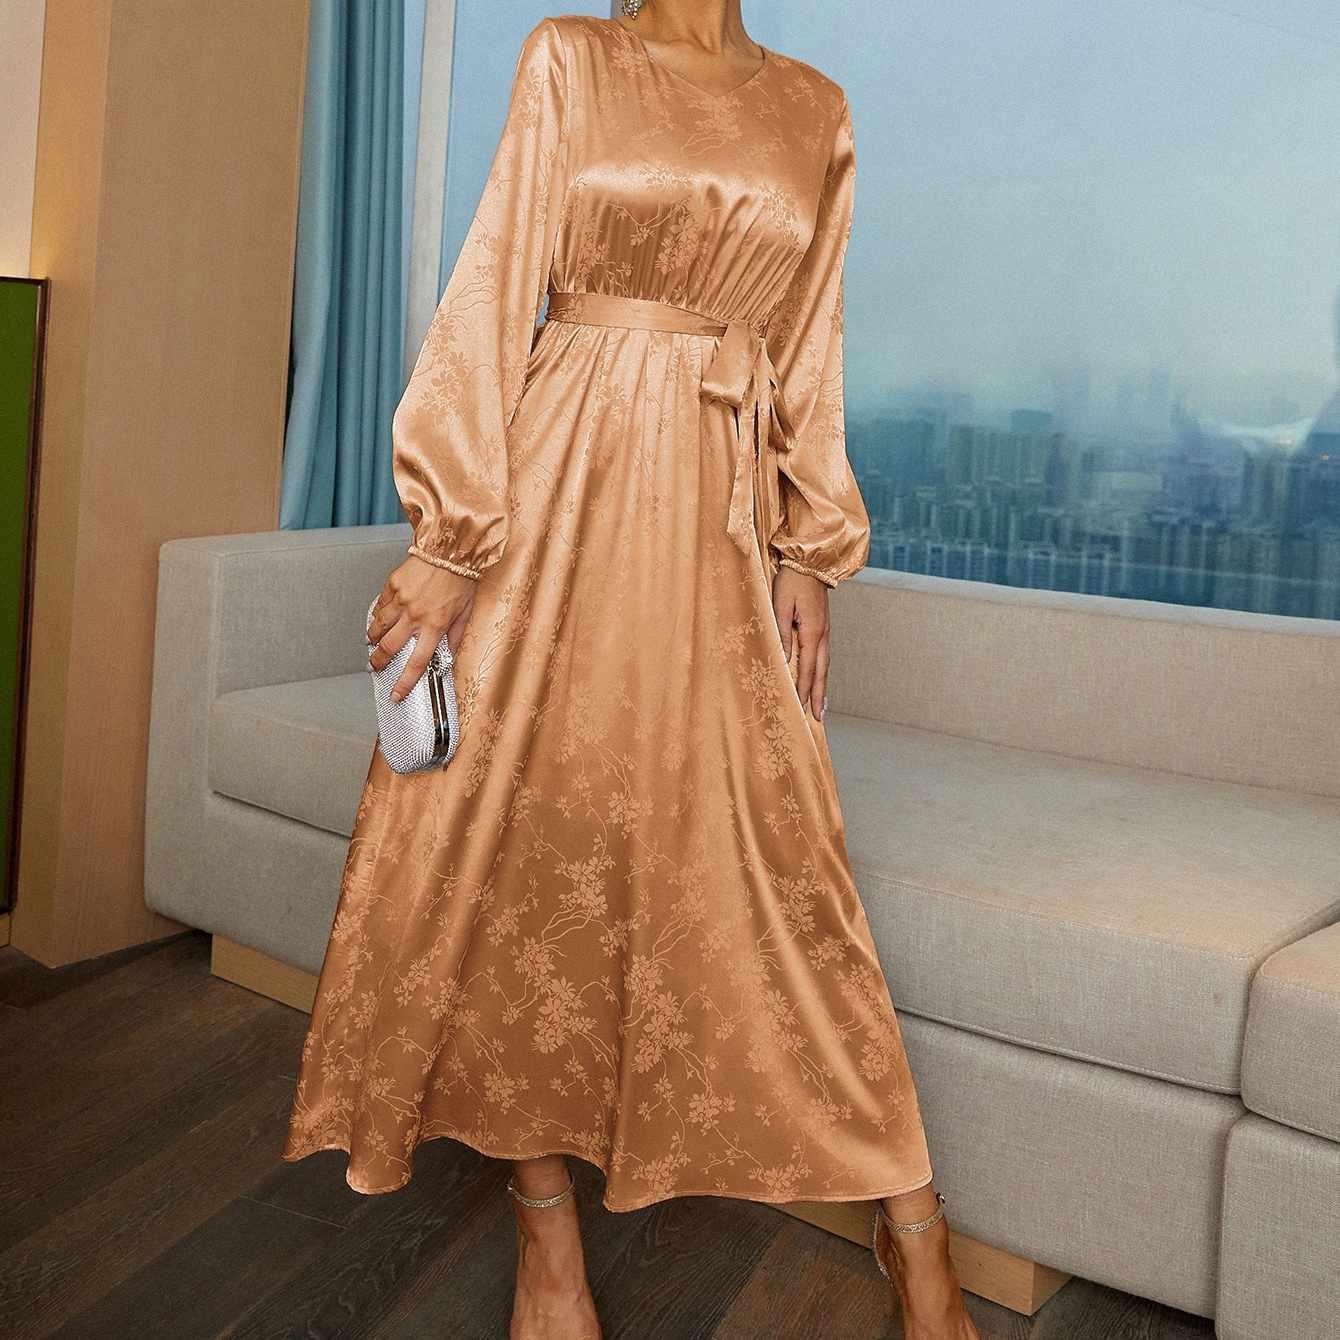 Shein Satin Jacquard Self Tie V-Neck Dress